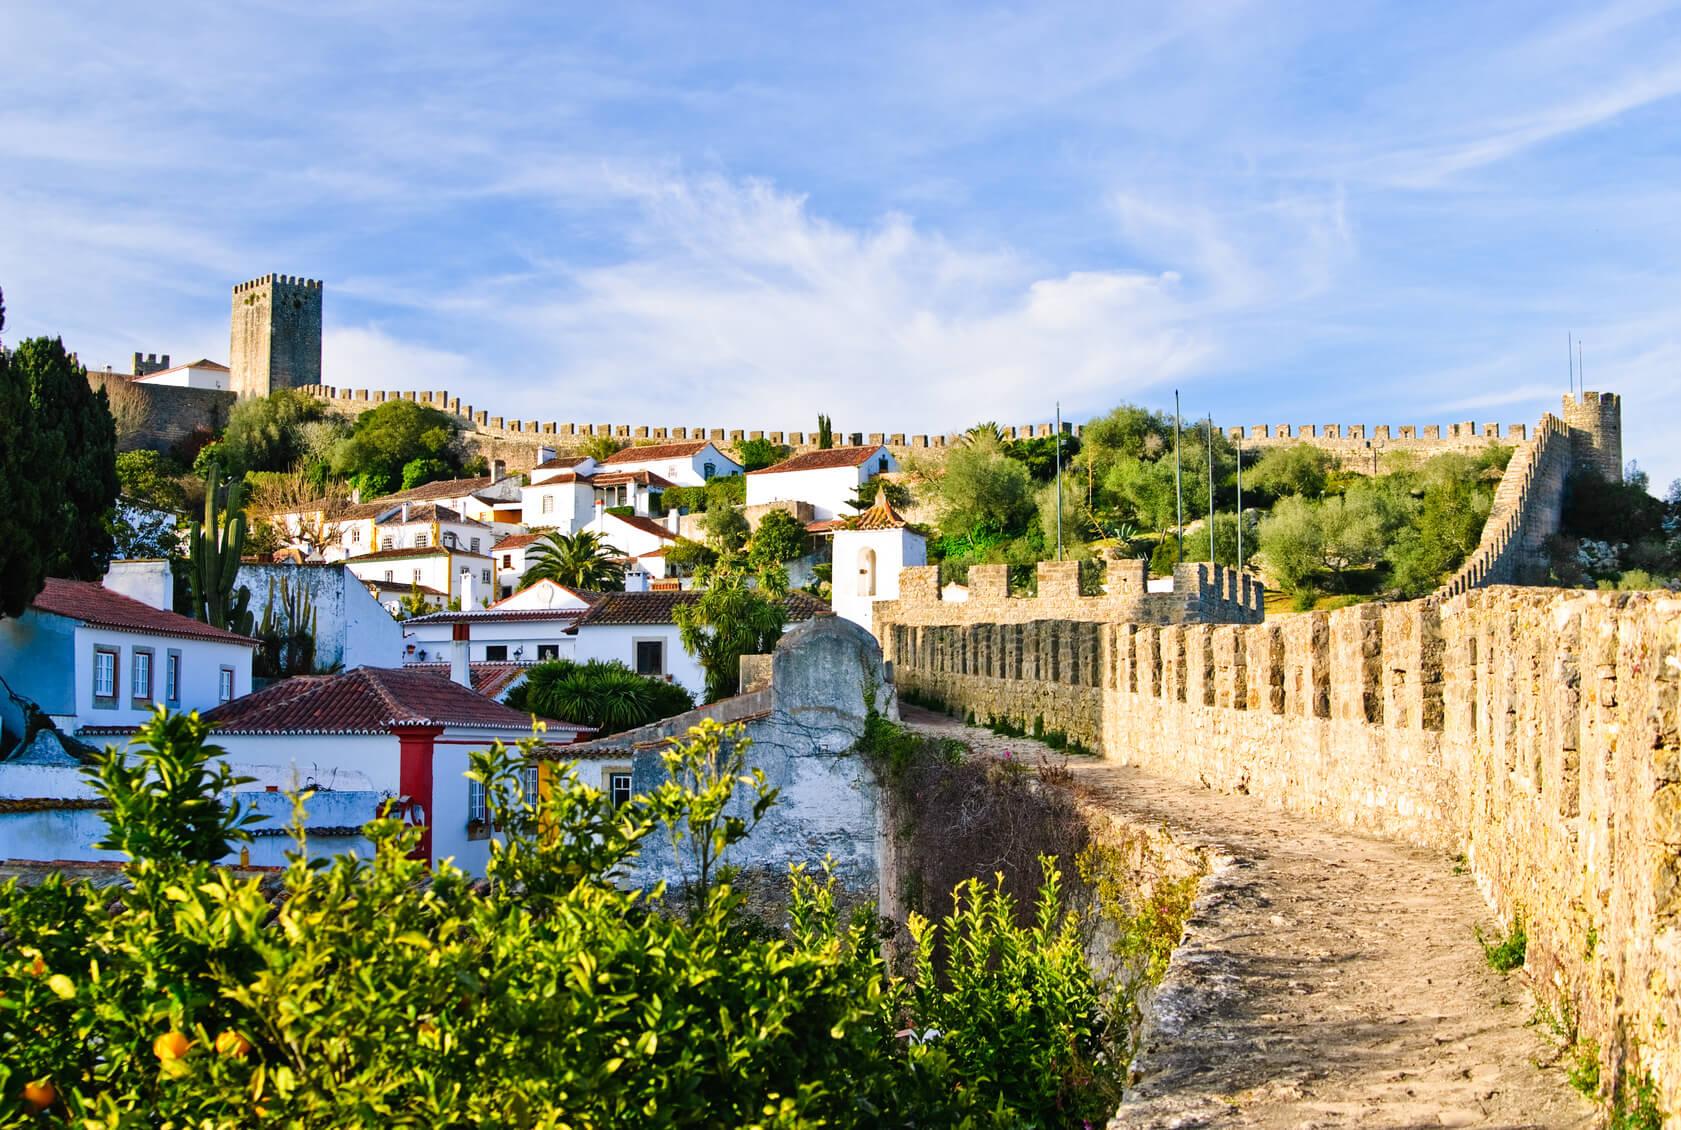 Vista de Portugal